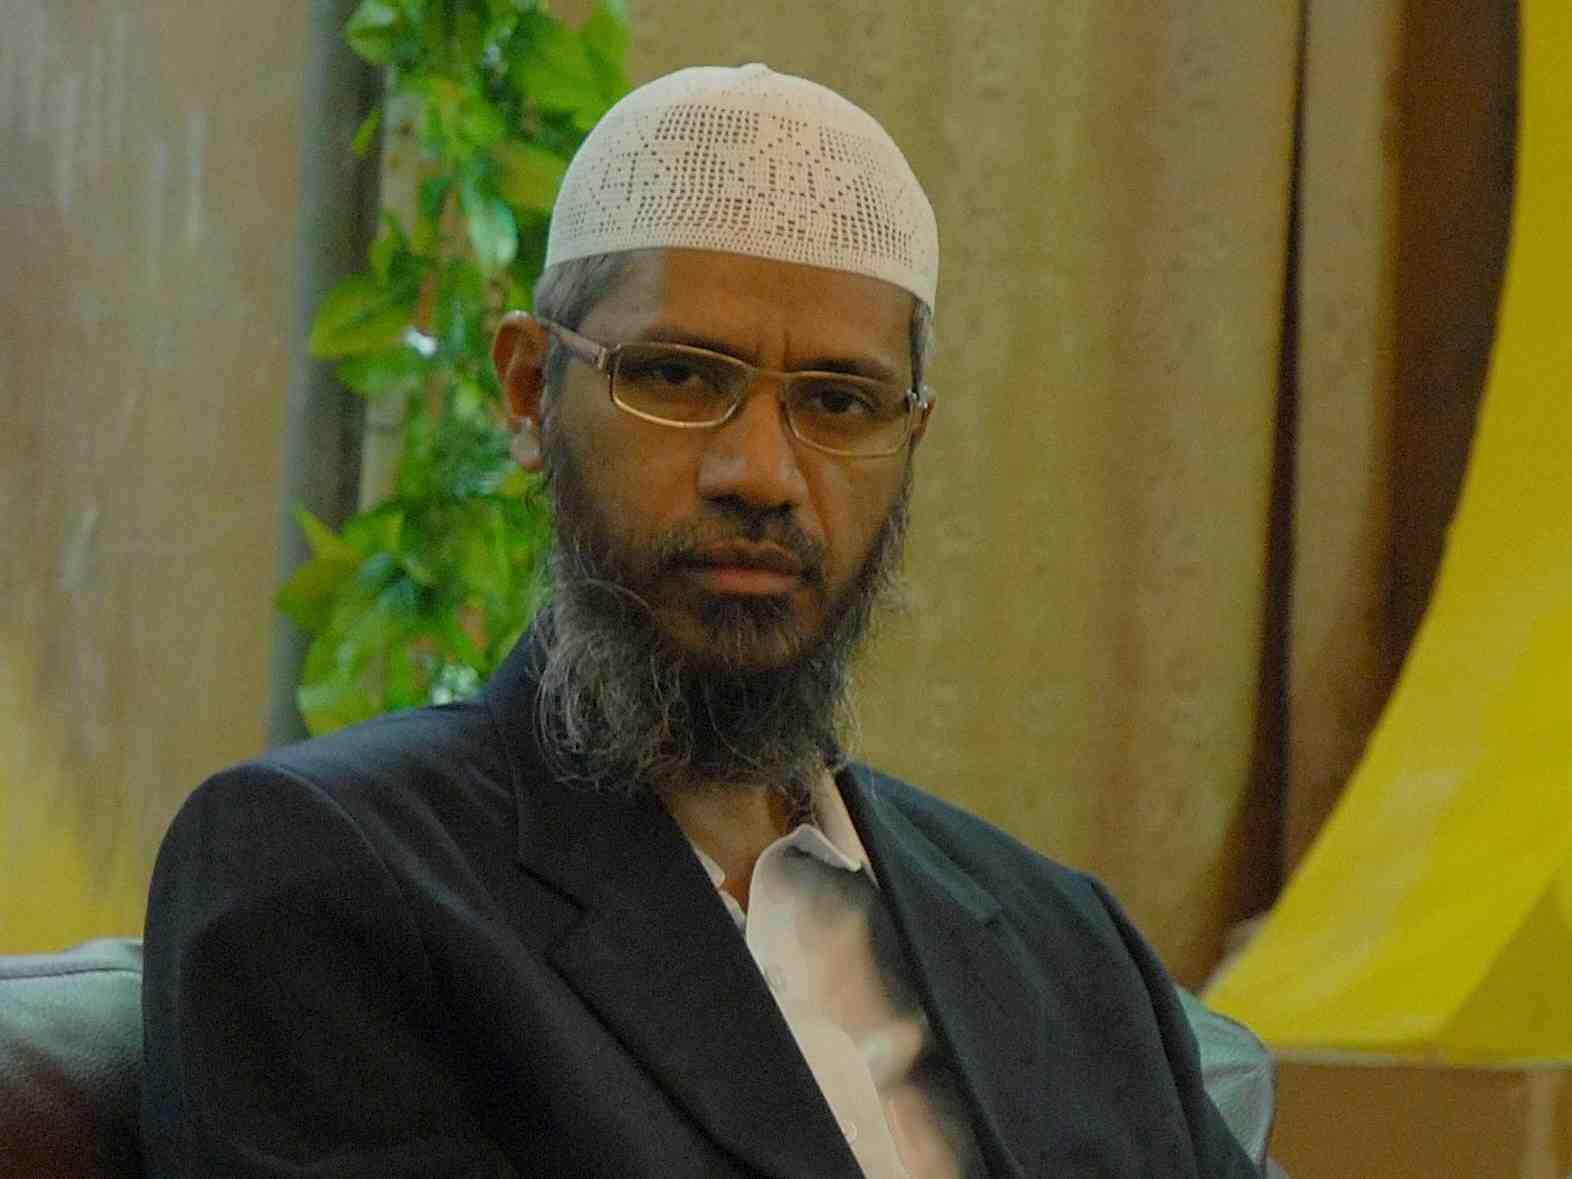 NIA issues fresh summons to Zakir Naik